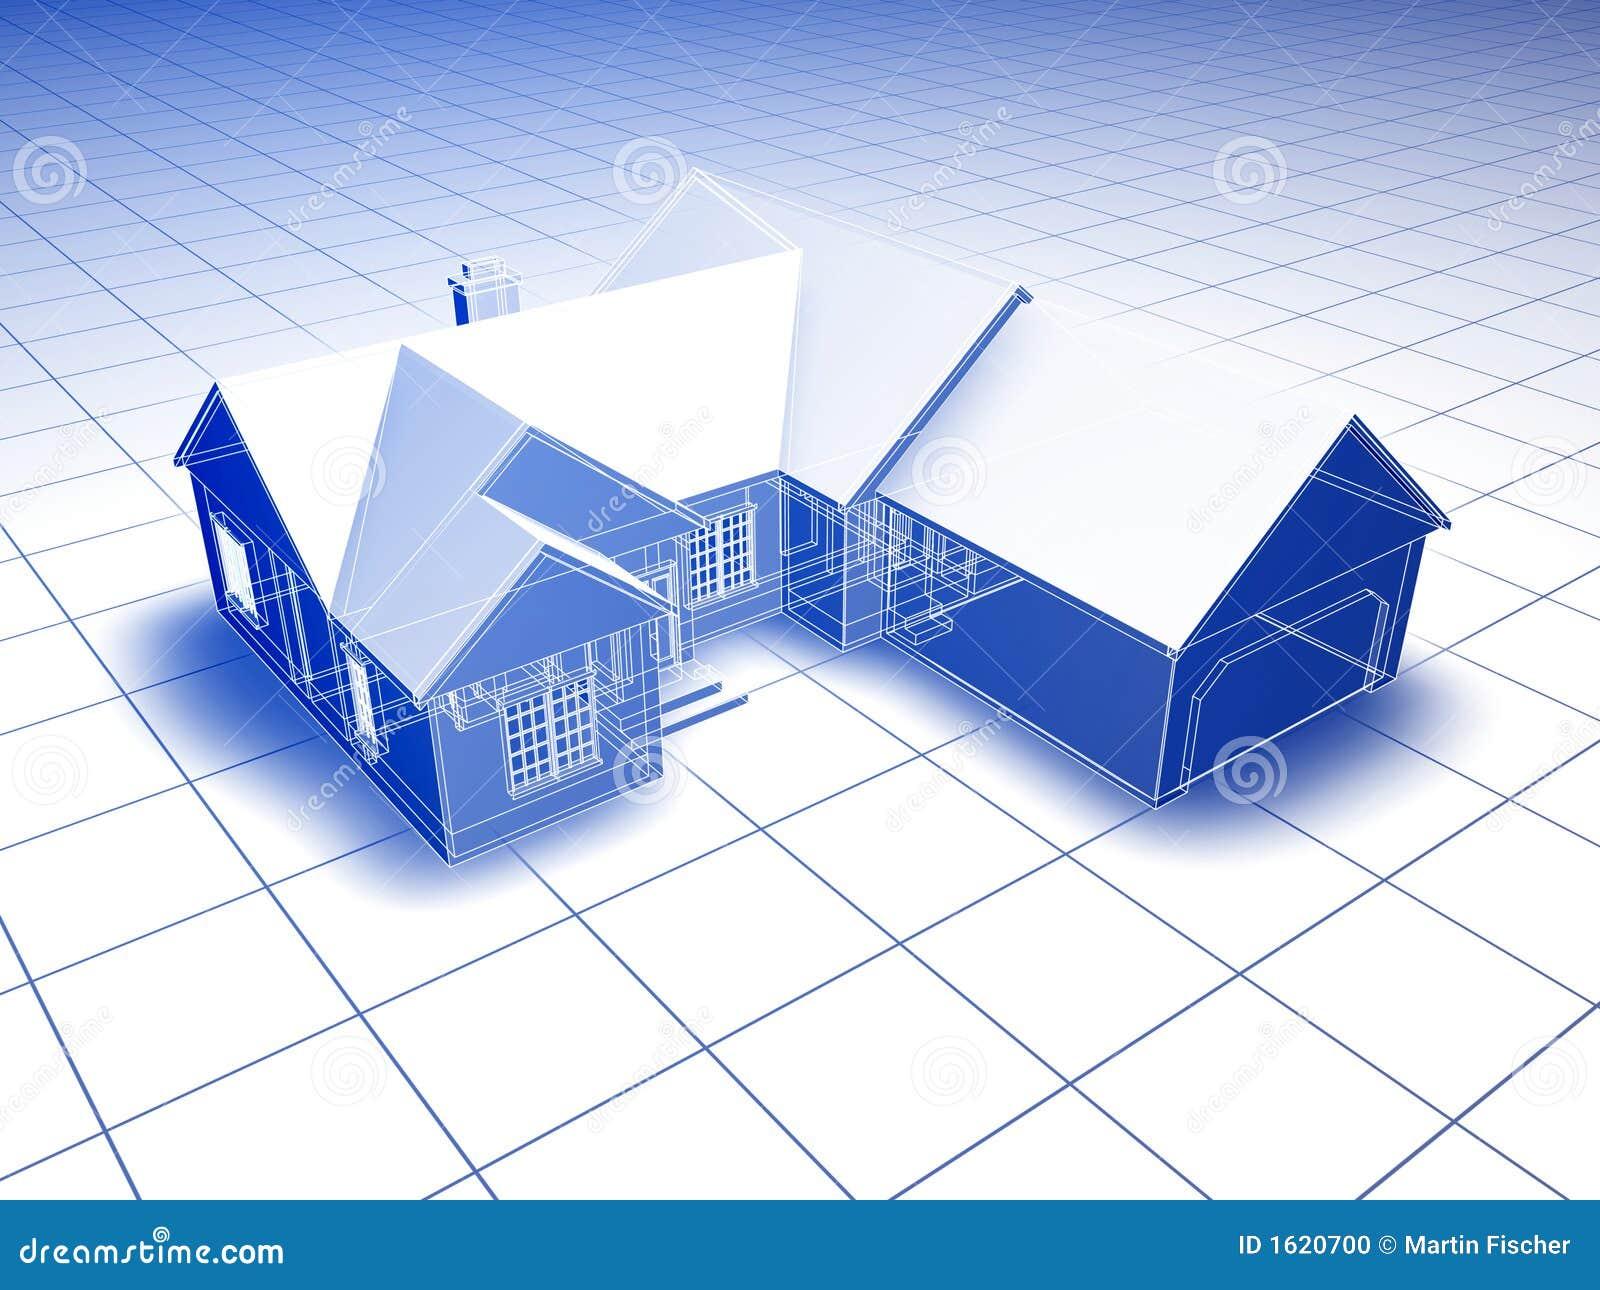 Blueprint House Stock Photo Image 1620700